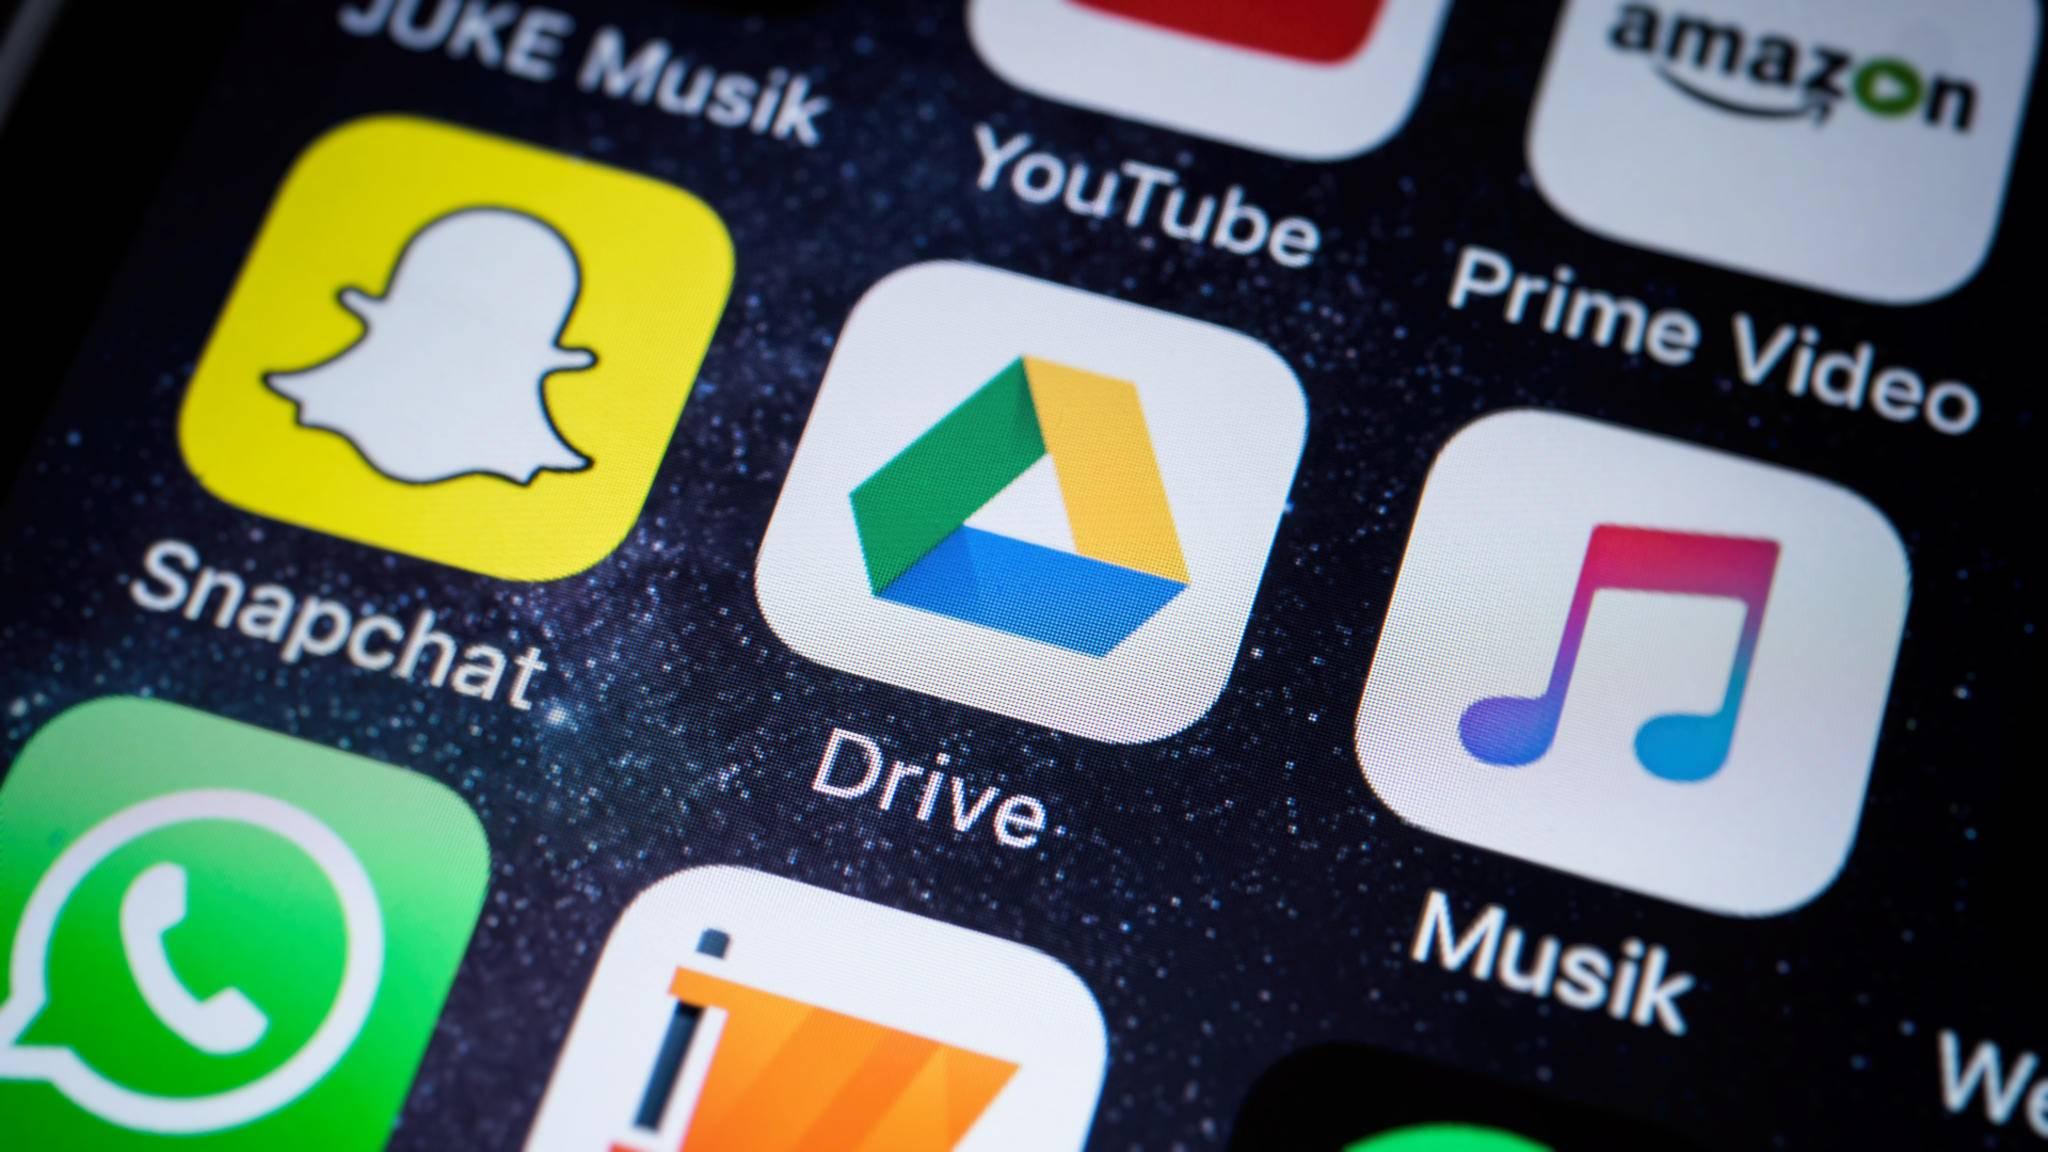 Wird das Smartphone länger nicht genutzt, löscht Google angelegte Backups aus Google Drive.